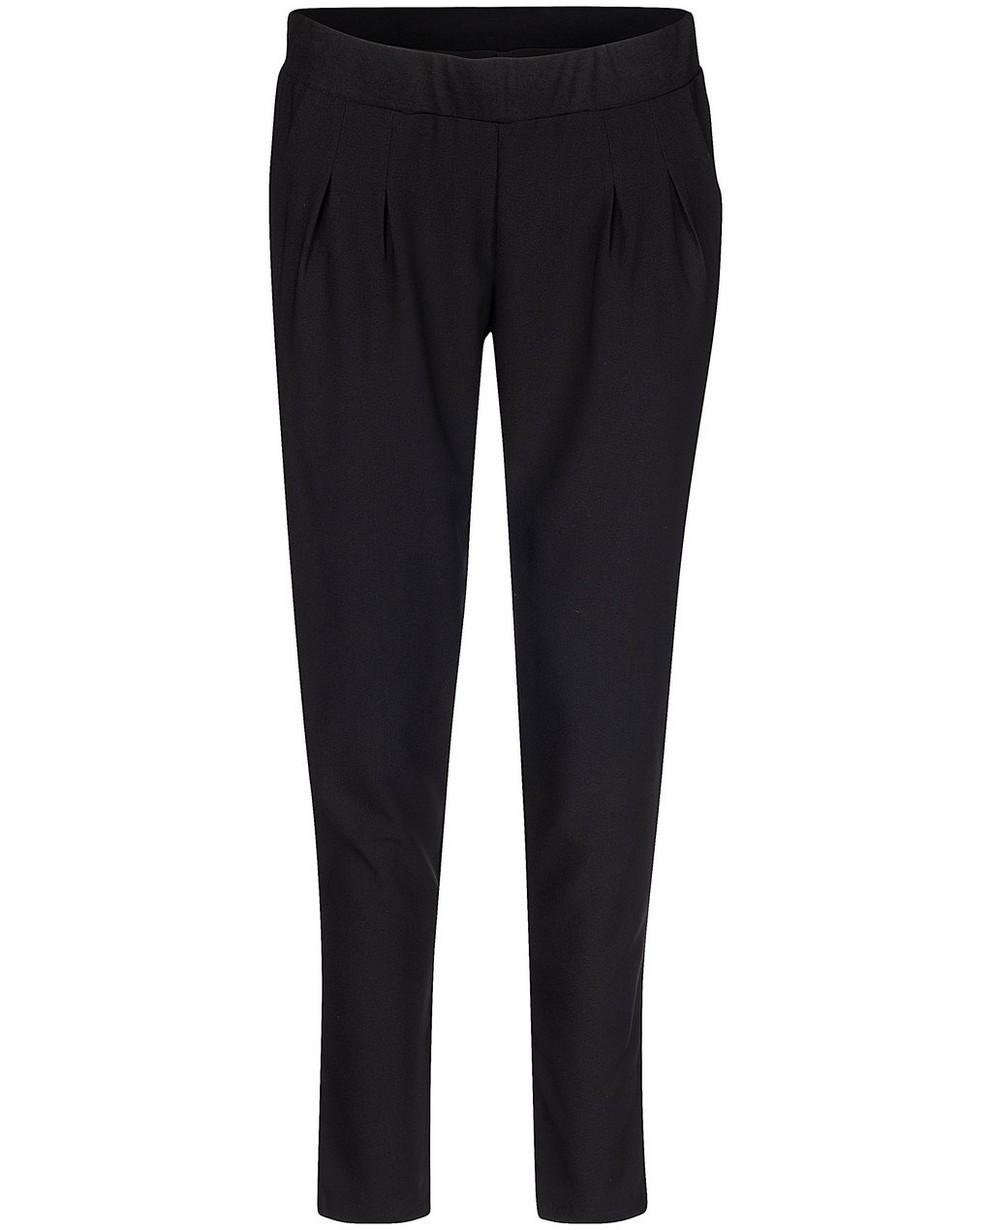 Pantalon noir Mamalicious - grossesse - mali